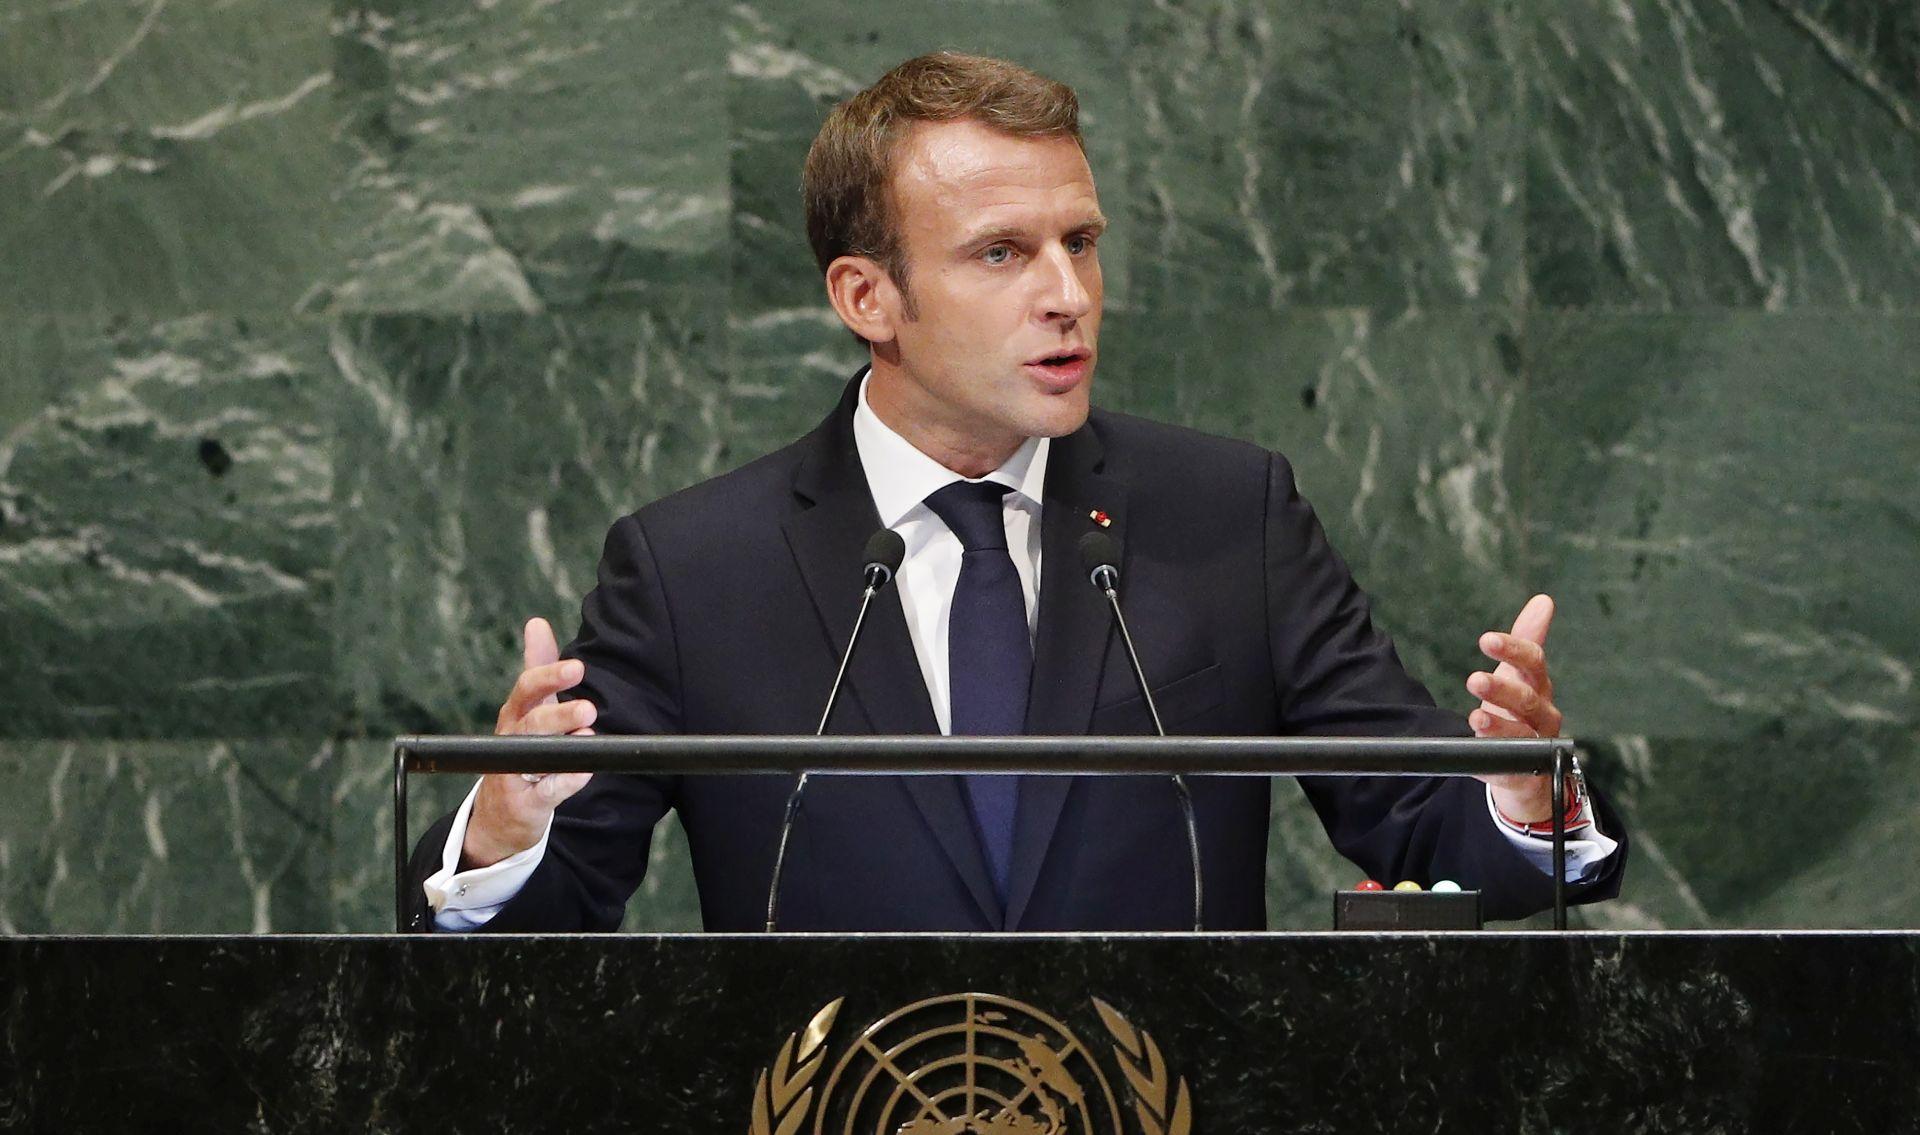 Macron razgovarao s Trumpom o ubojstvu Khashoggija